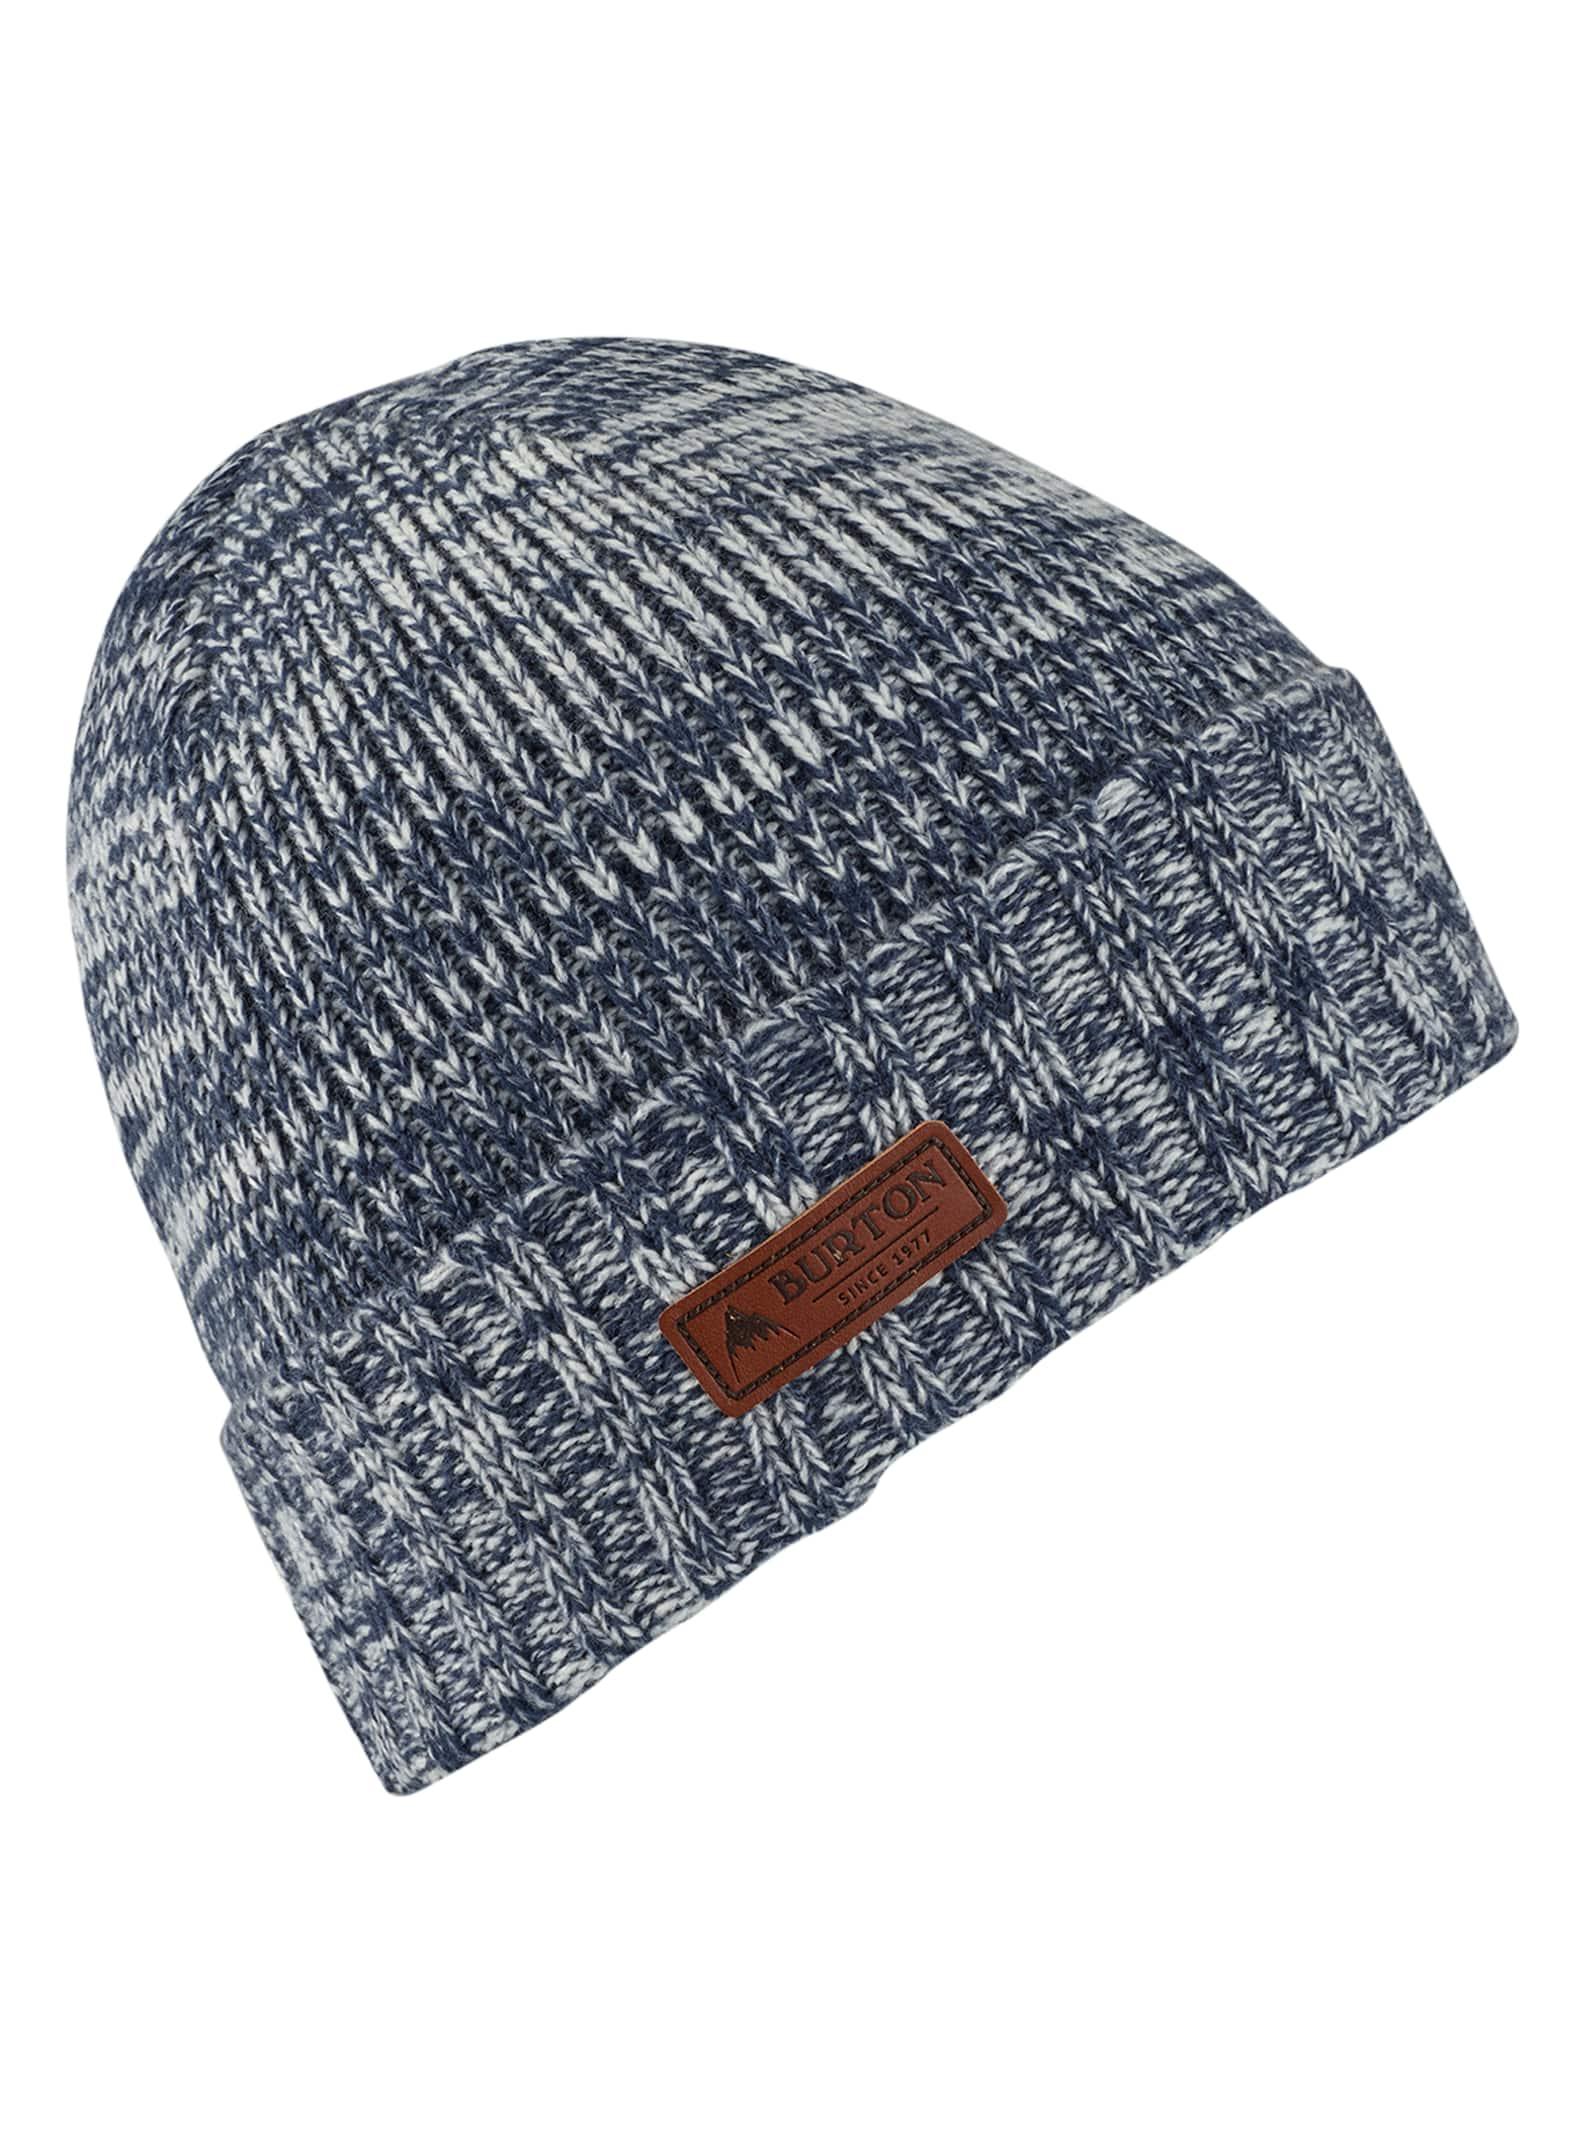 68ff4b77f98a3 Men s Hats   Beanies